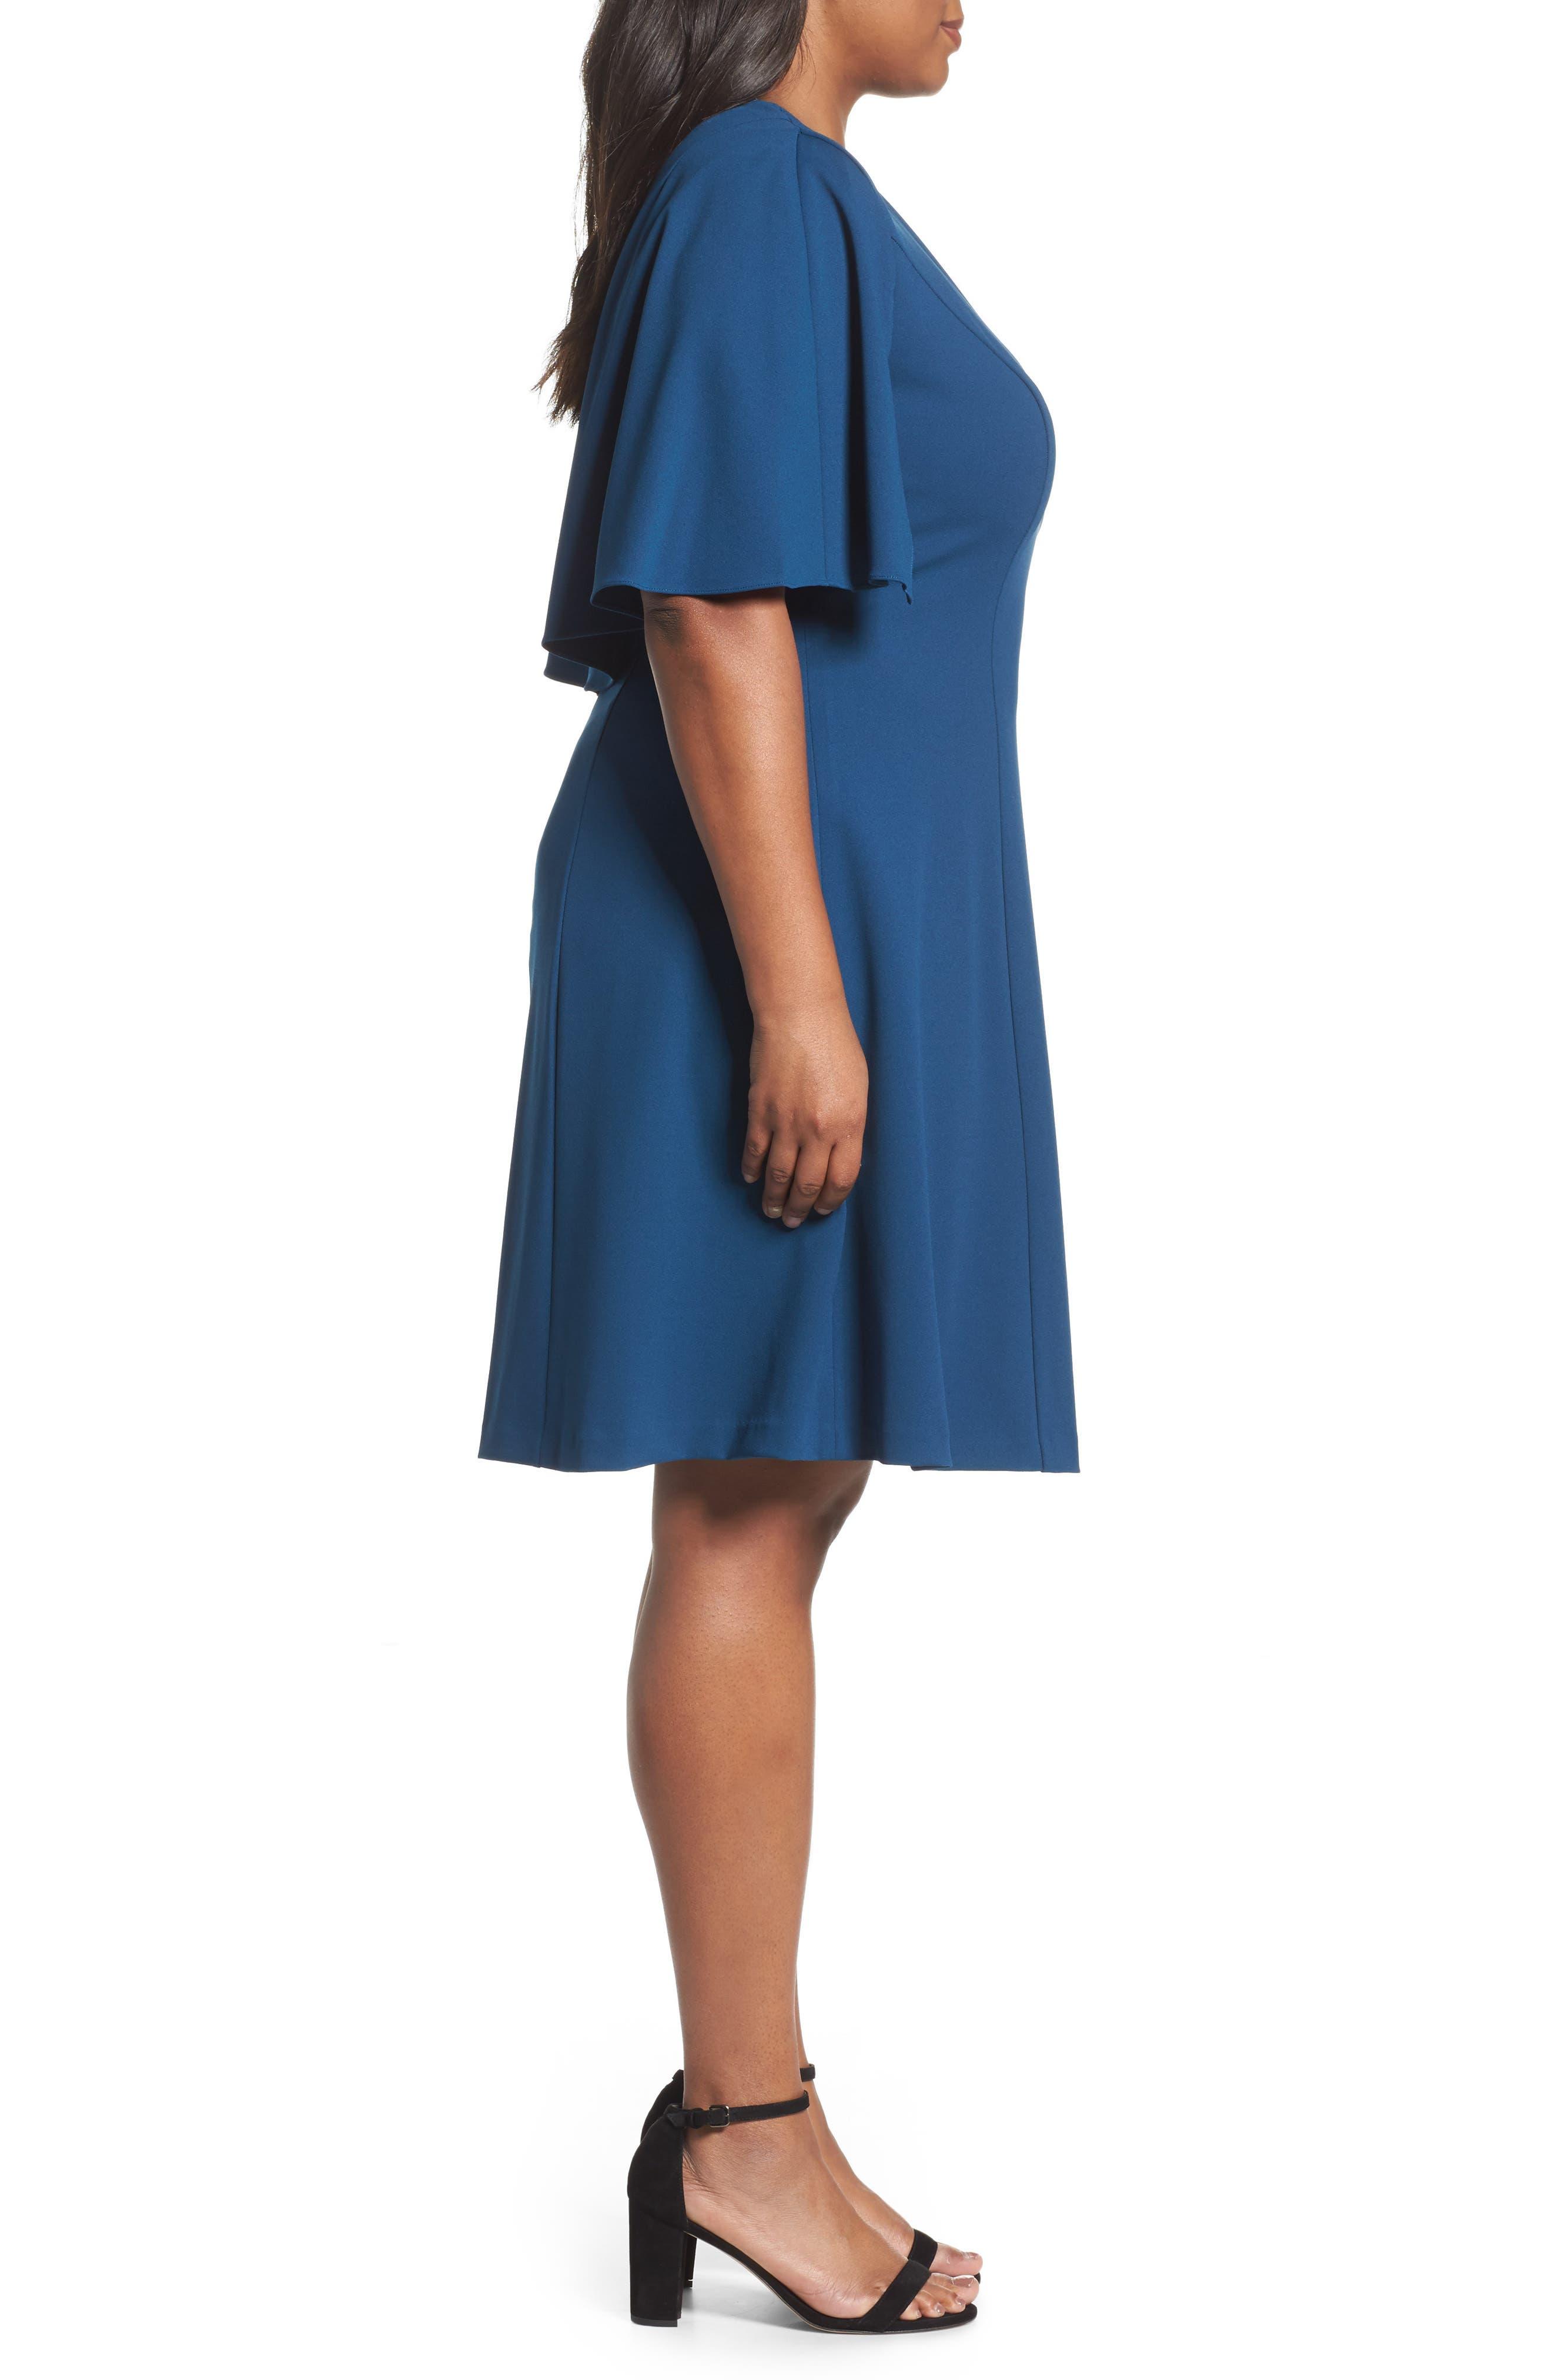 Capelet A-Line Dress,                             Alternate thumbnail 3, color,                             471